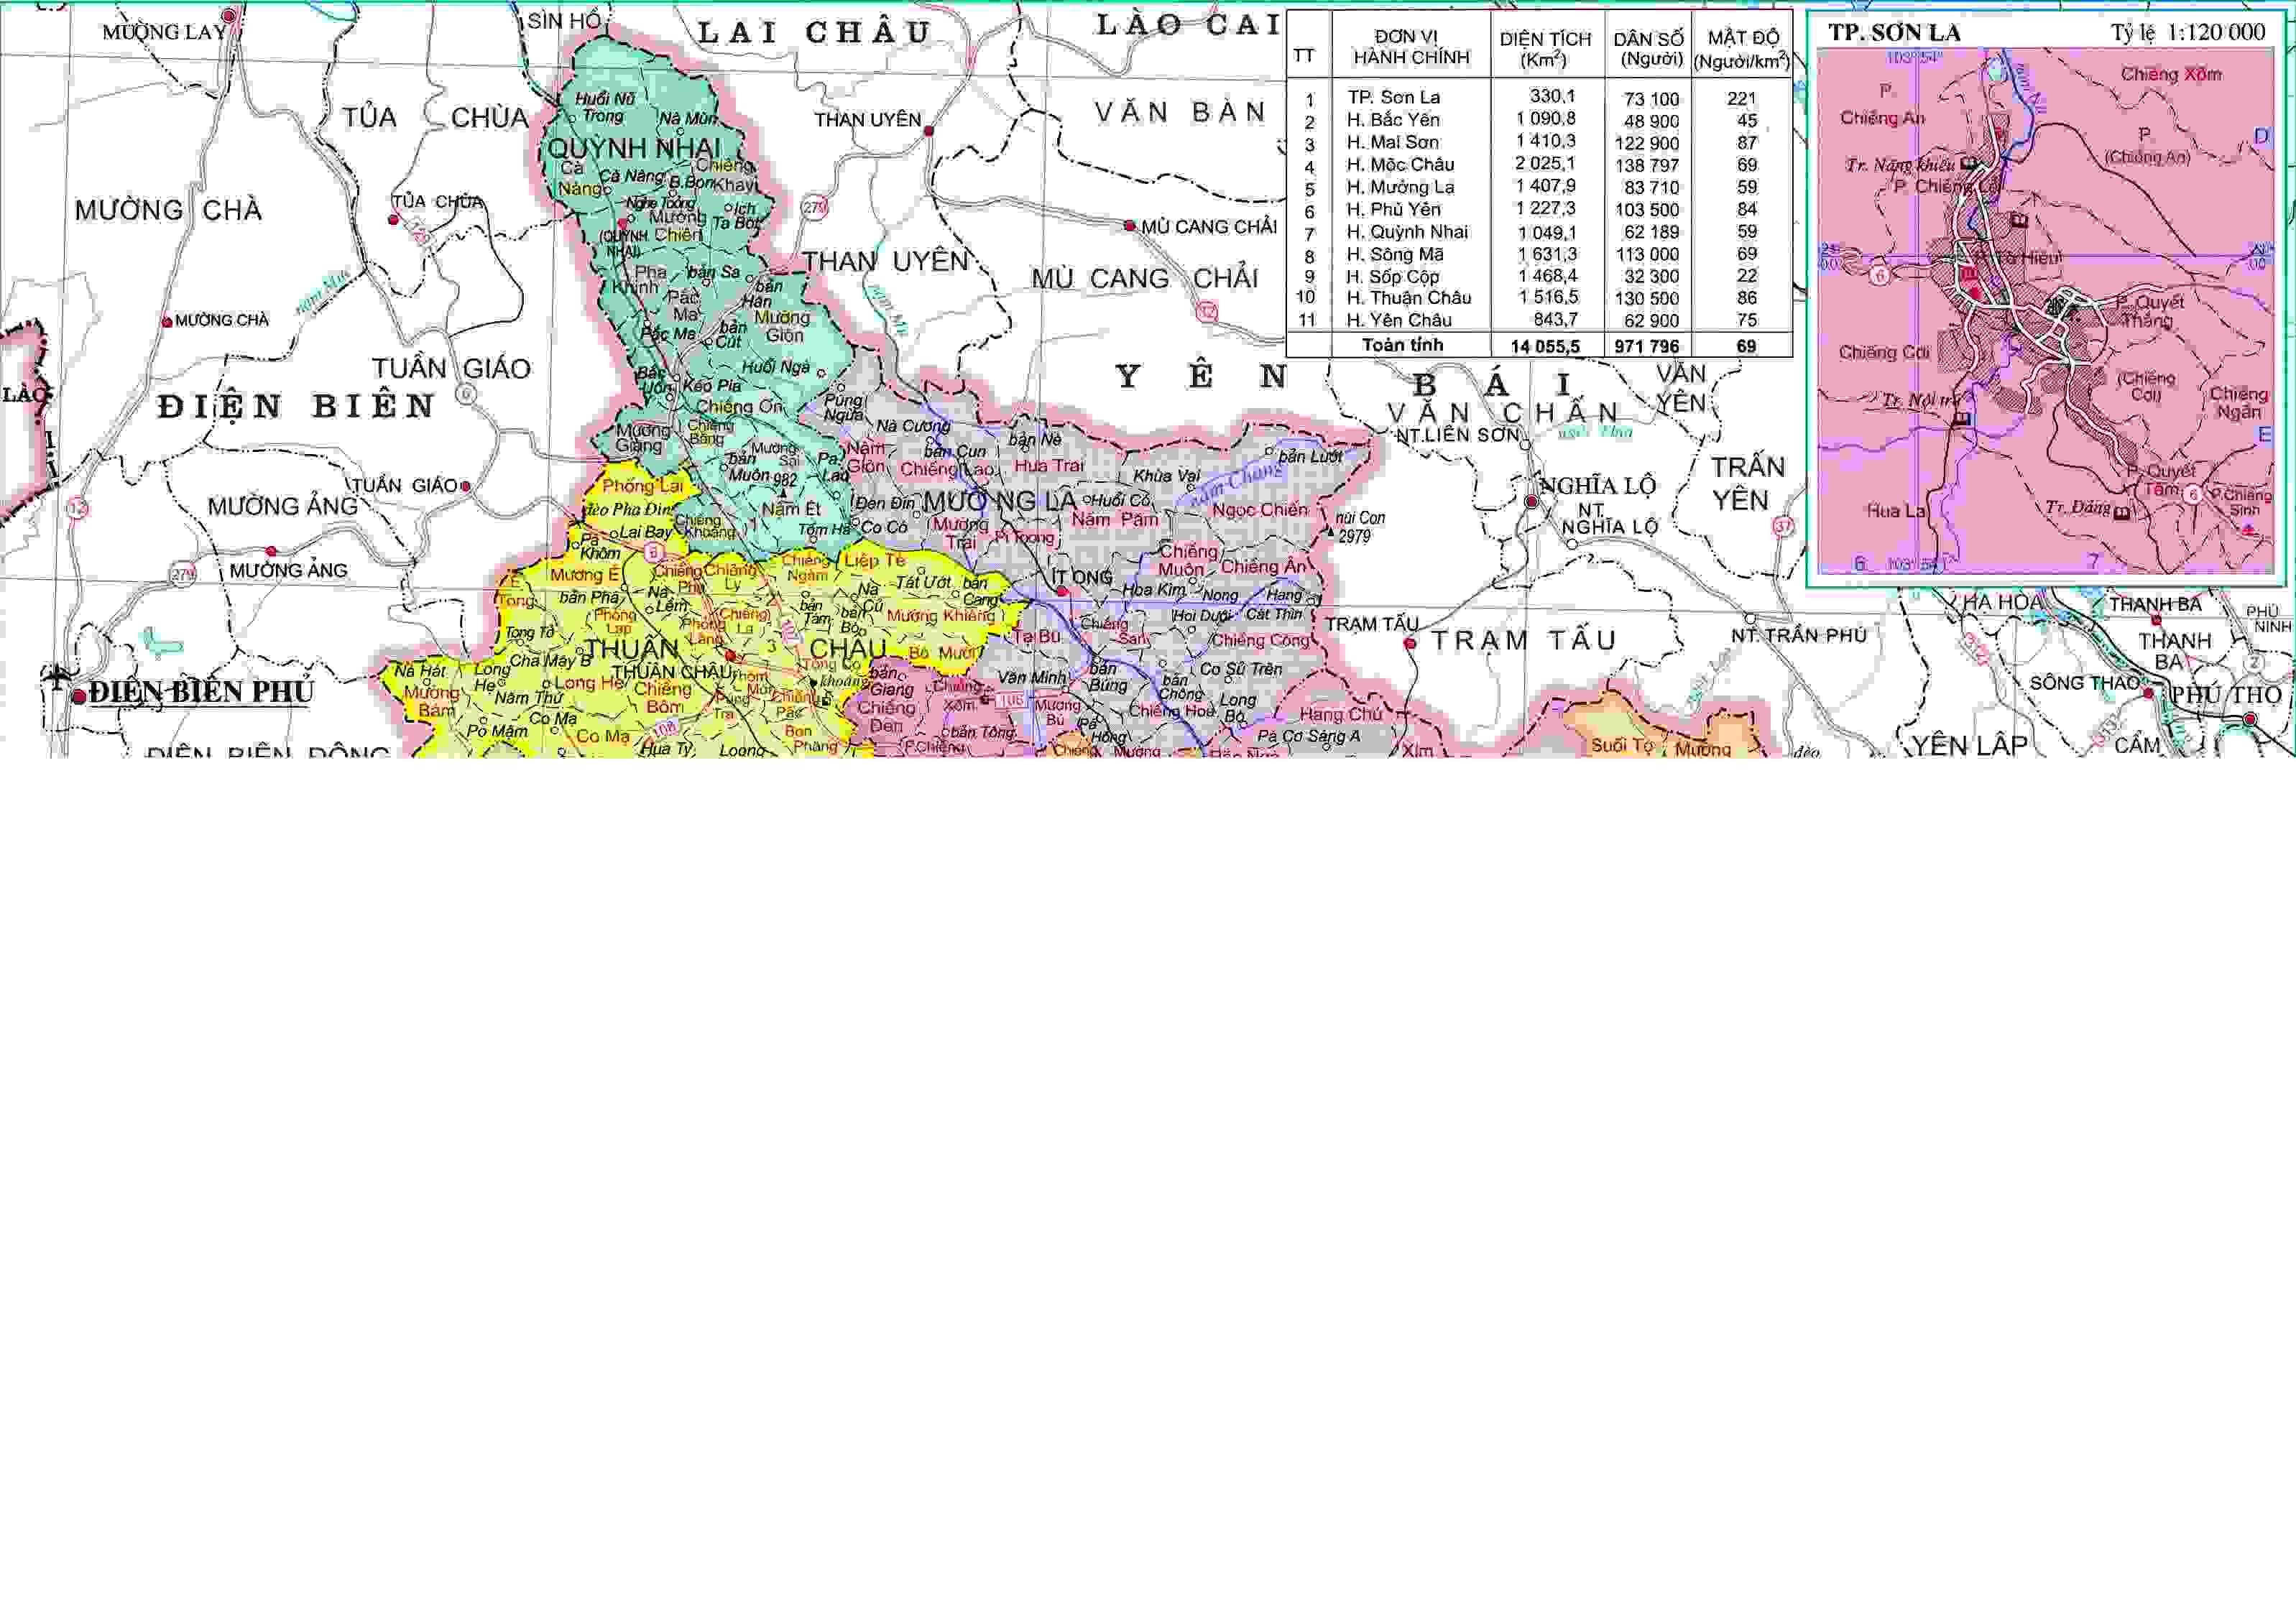 Bản đồ hành chính Sơn La khổ lớn